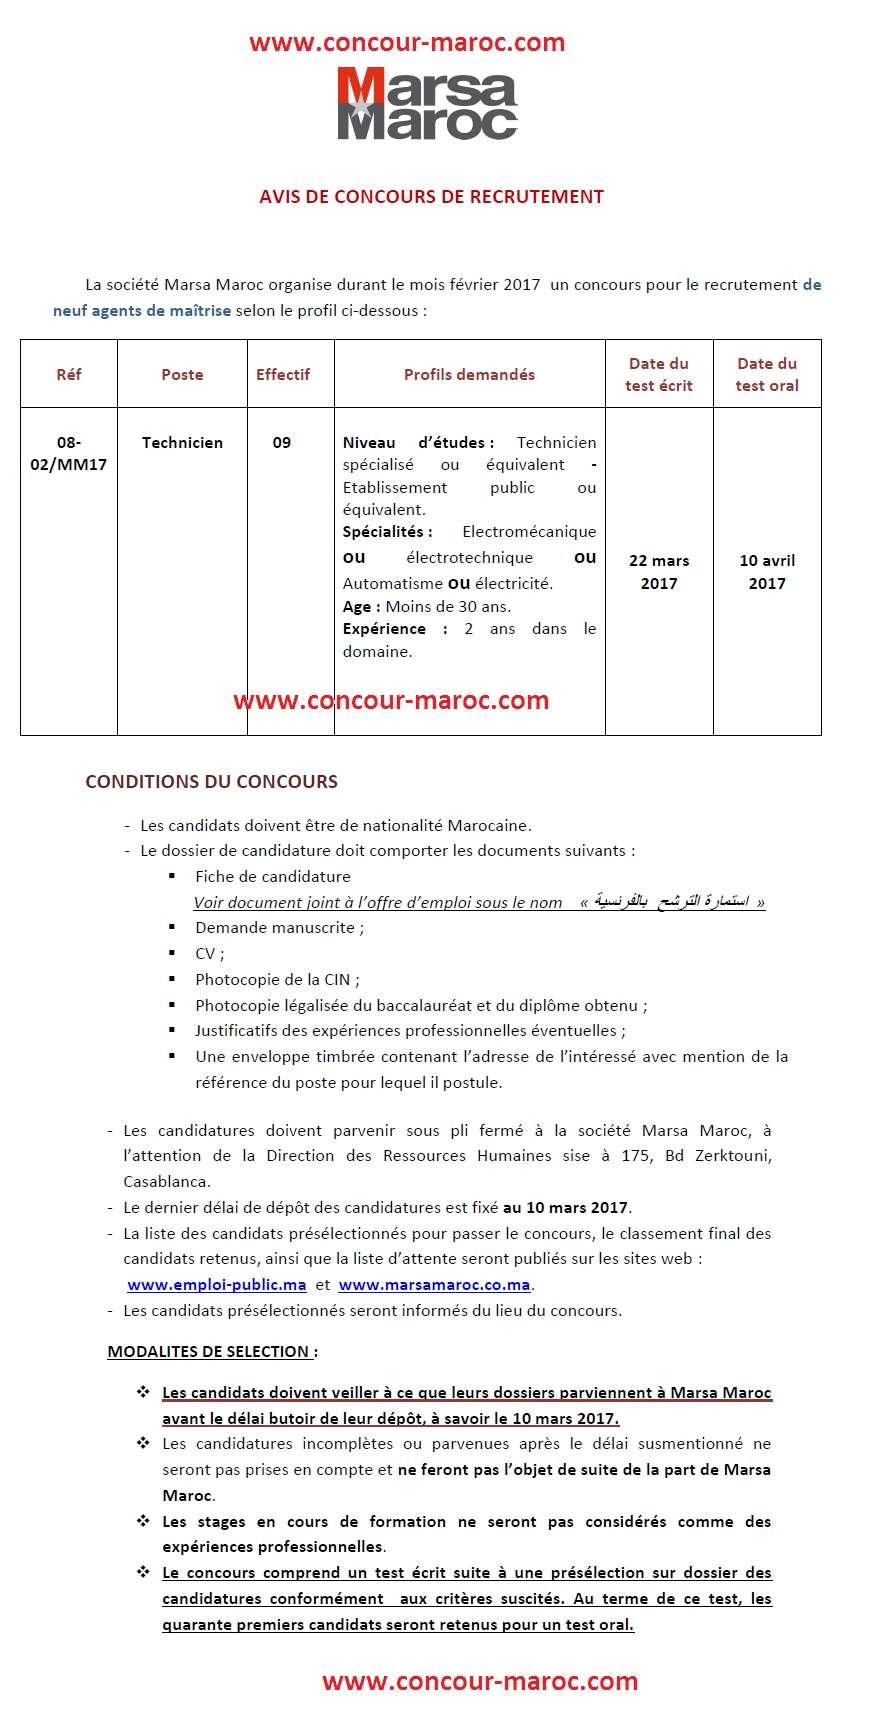 شركة استغلال الموانئ (مرسى ماروك) : مباراة لتوظيف تقني Technicien (9 مناصب) آخر أجل لإيداع الترشيحات 10 مارس 2017 Concou19